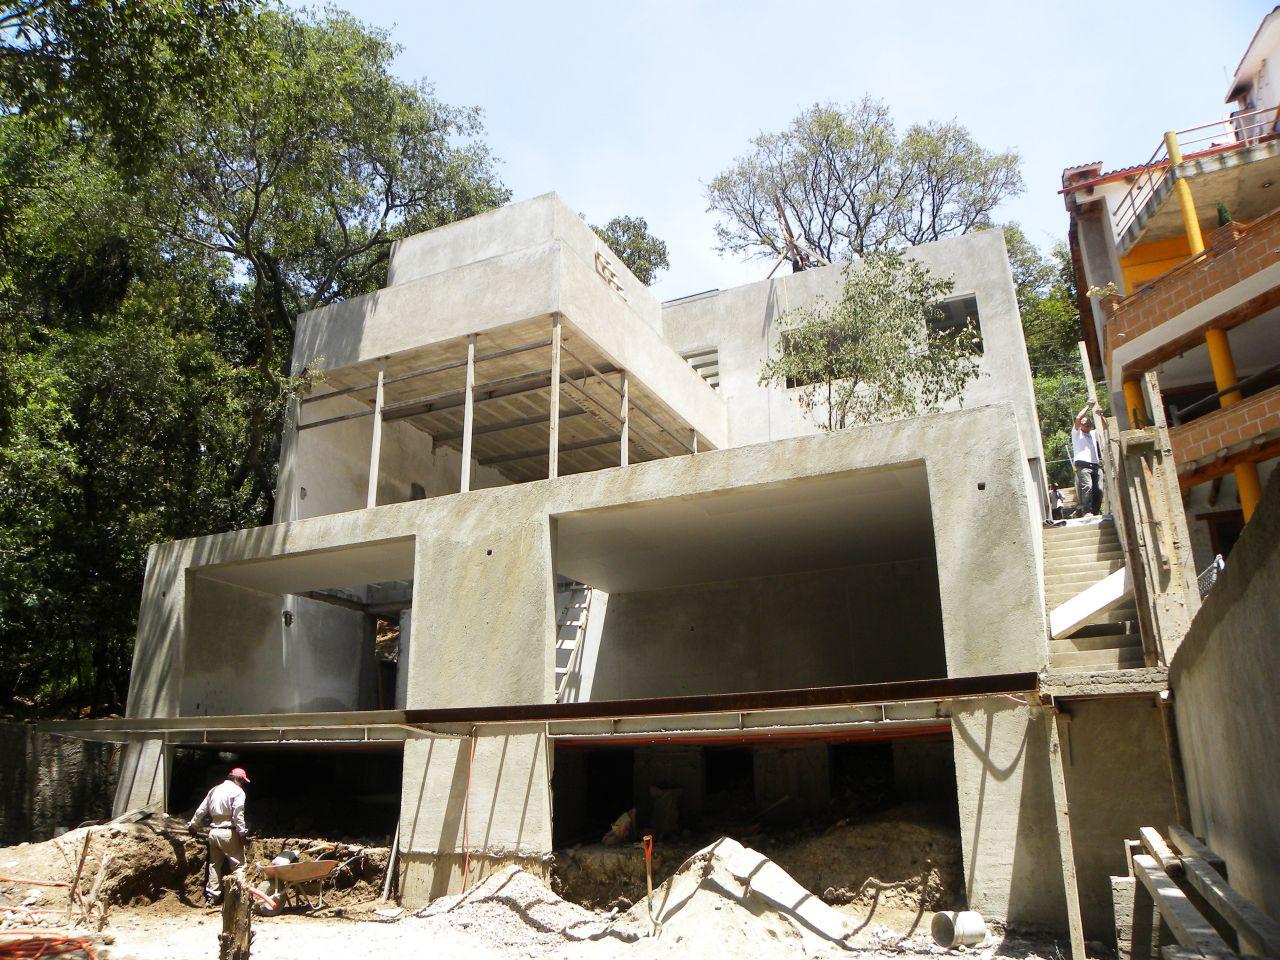 En Construcción: Canterburri / sobrado + ugalde, © Germán Cuellar